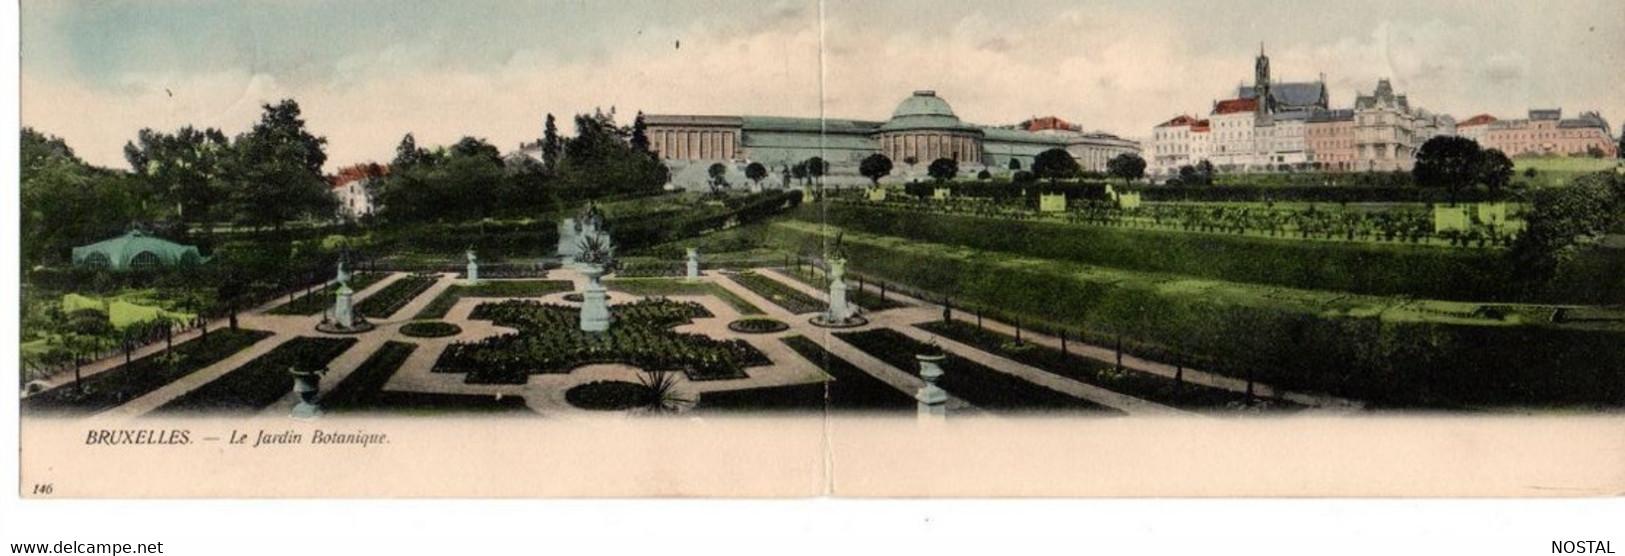 Bruxelles: Le Jardin Botanique (Vanden Heuvel  146 Carte Double - Tweeluik) - Bossen, Parken, Tuinen